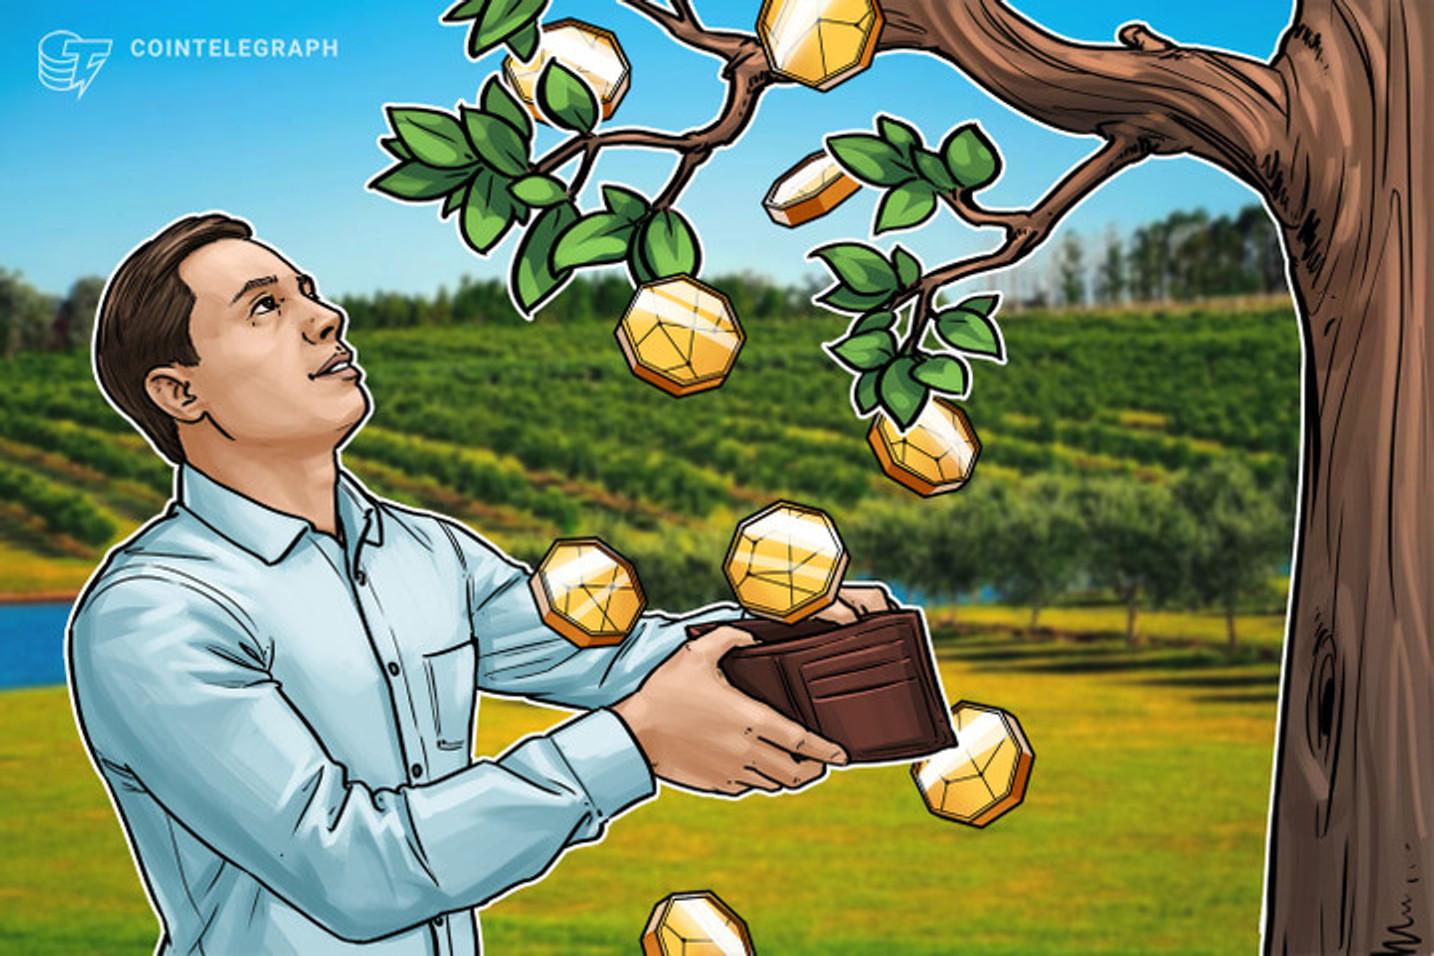 'Favelado Investidor' recomenda Bitcoin para proteger patrimônio e considera BTC barato: 'Vai ter uma p... ascensão'